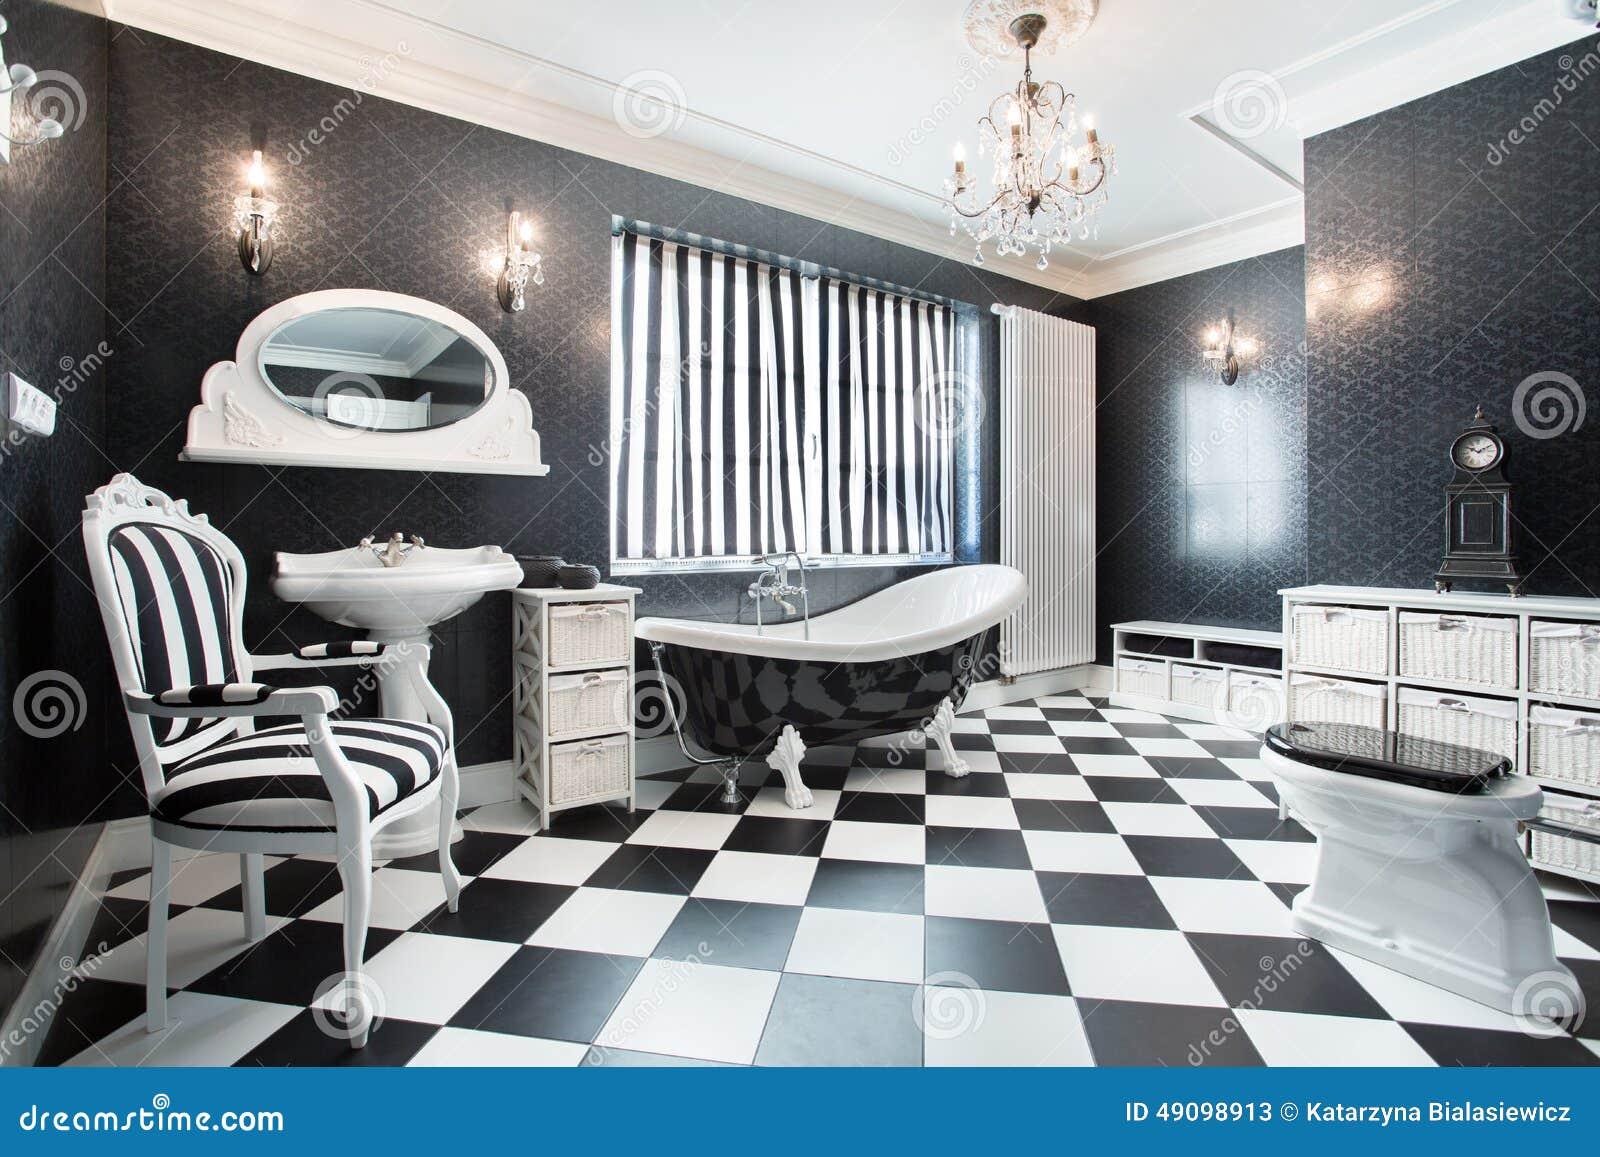 Zwarte wasbak badkamer landelijke badkamer inspiratie marington - Zwarte badkamer witte ...